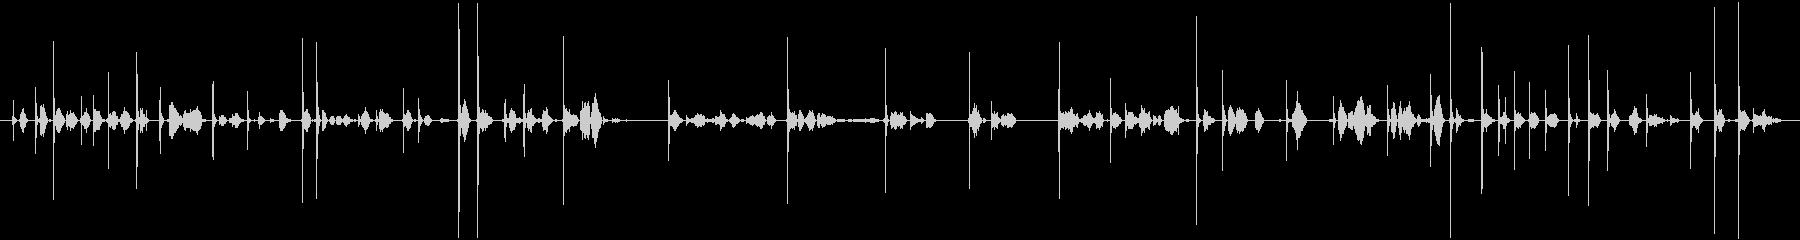 カキカキ(鉛筆で文字を書く音)木の板Aの未再生の波形